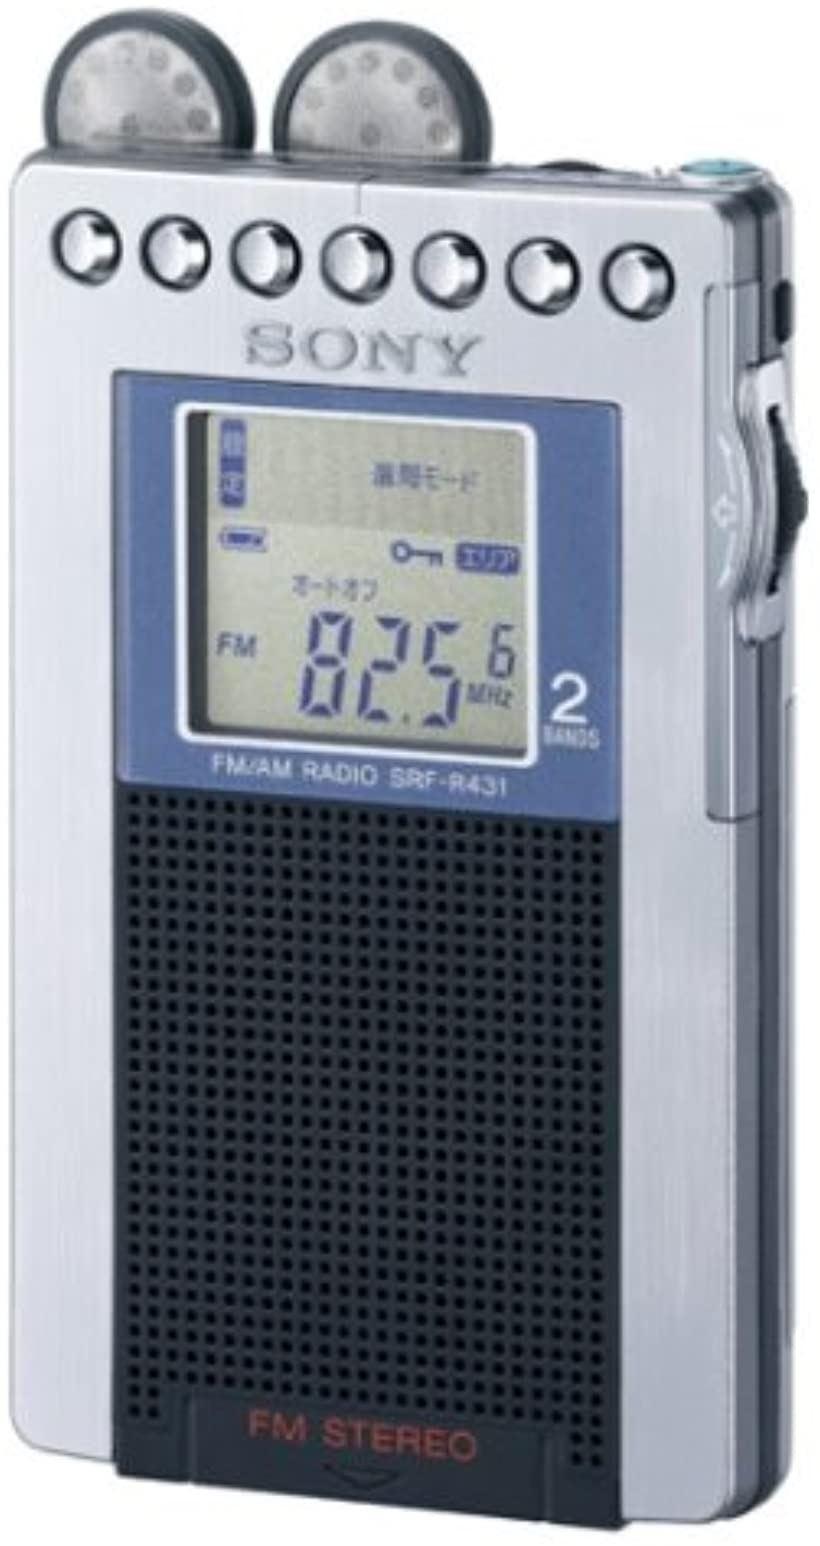 FMステレオ/AMポケッタブルラジオ R431 シルバー[SRF-R431/S]